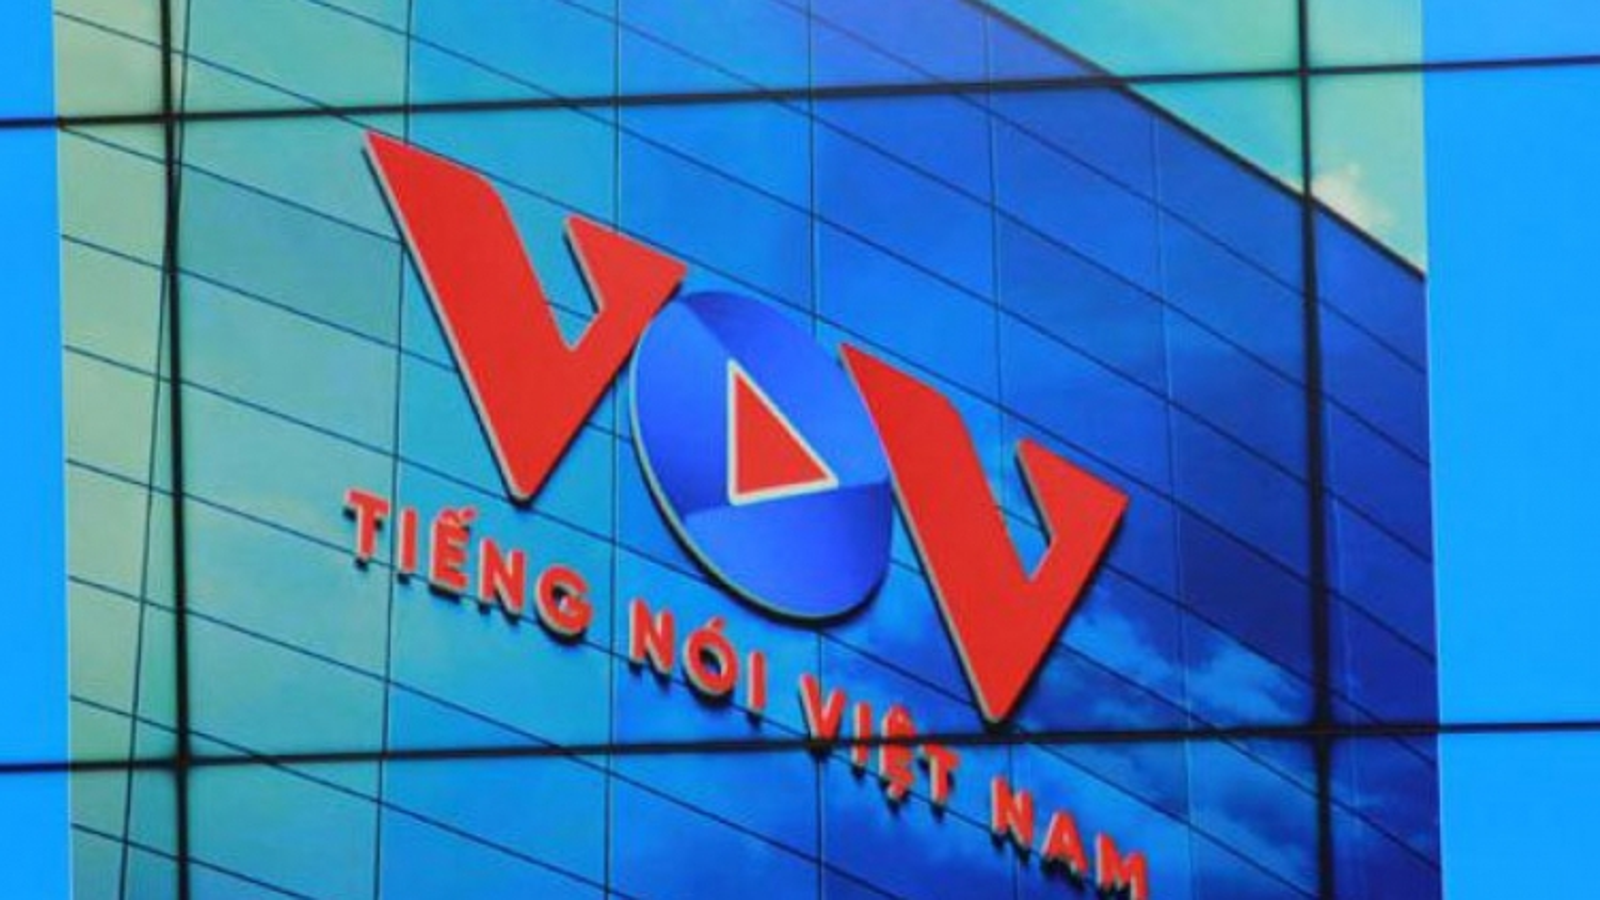 VOV tuyển dụng phóng viên cho Kênh Sức khoẻ và An toàn thực phẩm